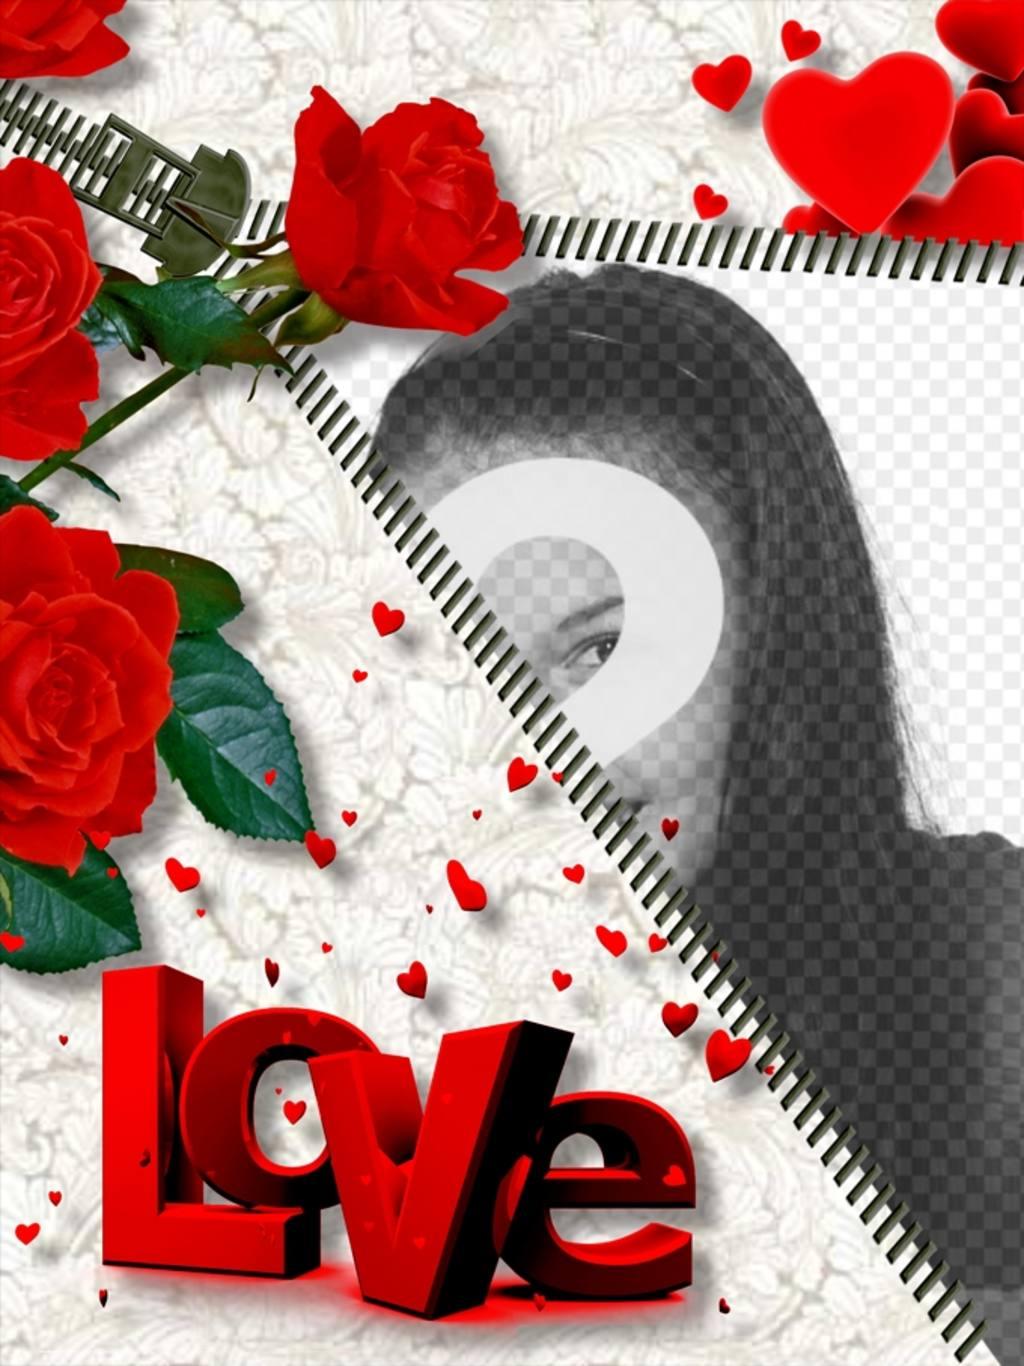 Quadro de fotos online LOVE , que inclui a foto que você deseja ao abrir um zíper. Rosas enfeitam a montagem